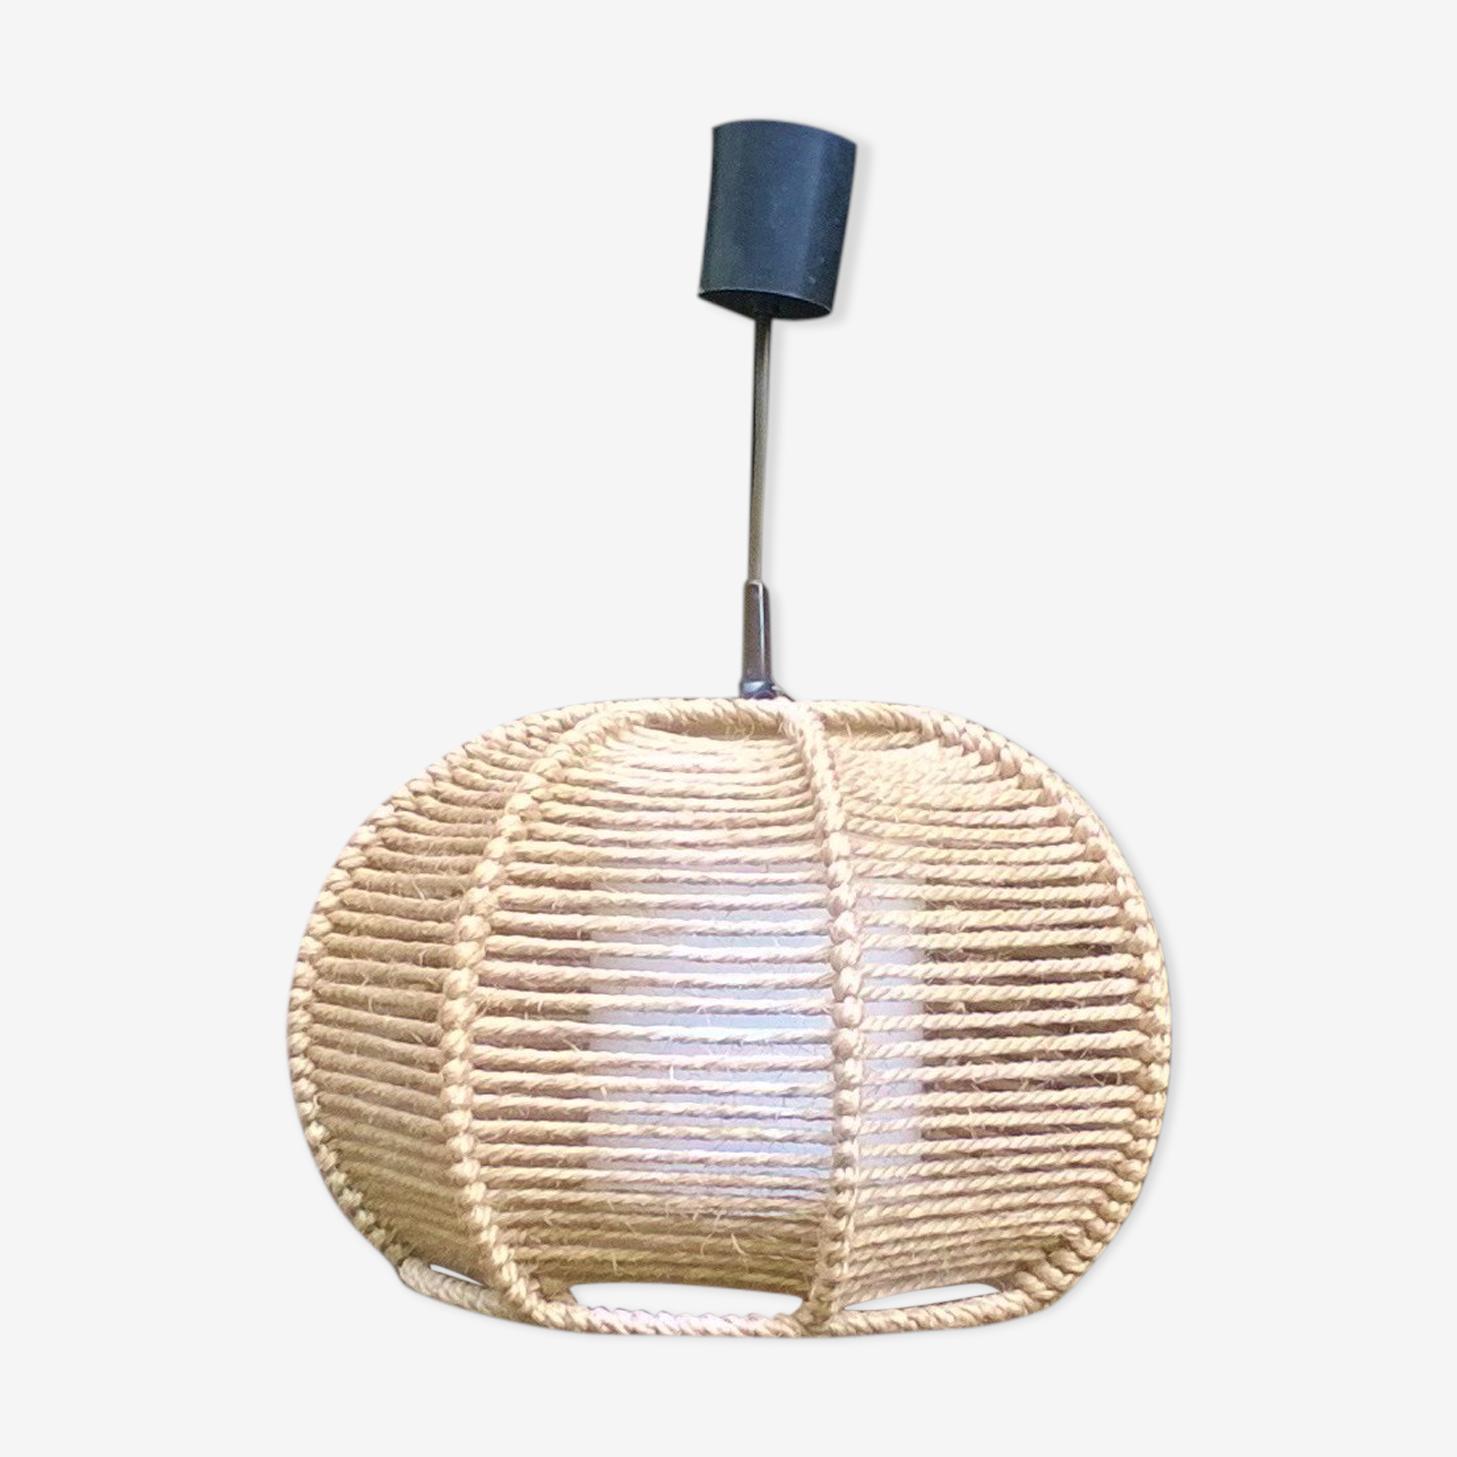 Suspension boule corde tressée